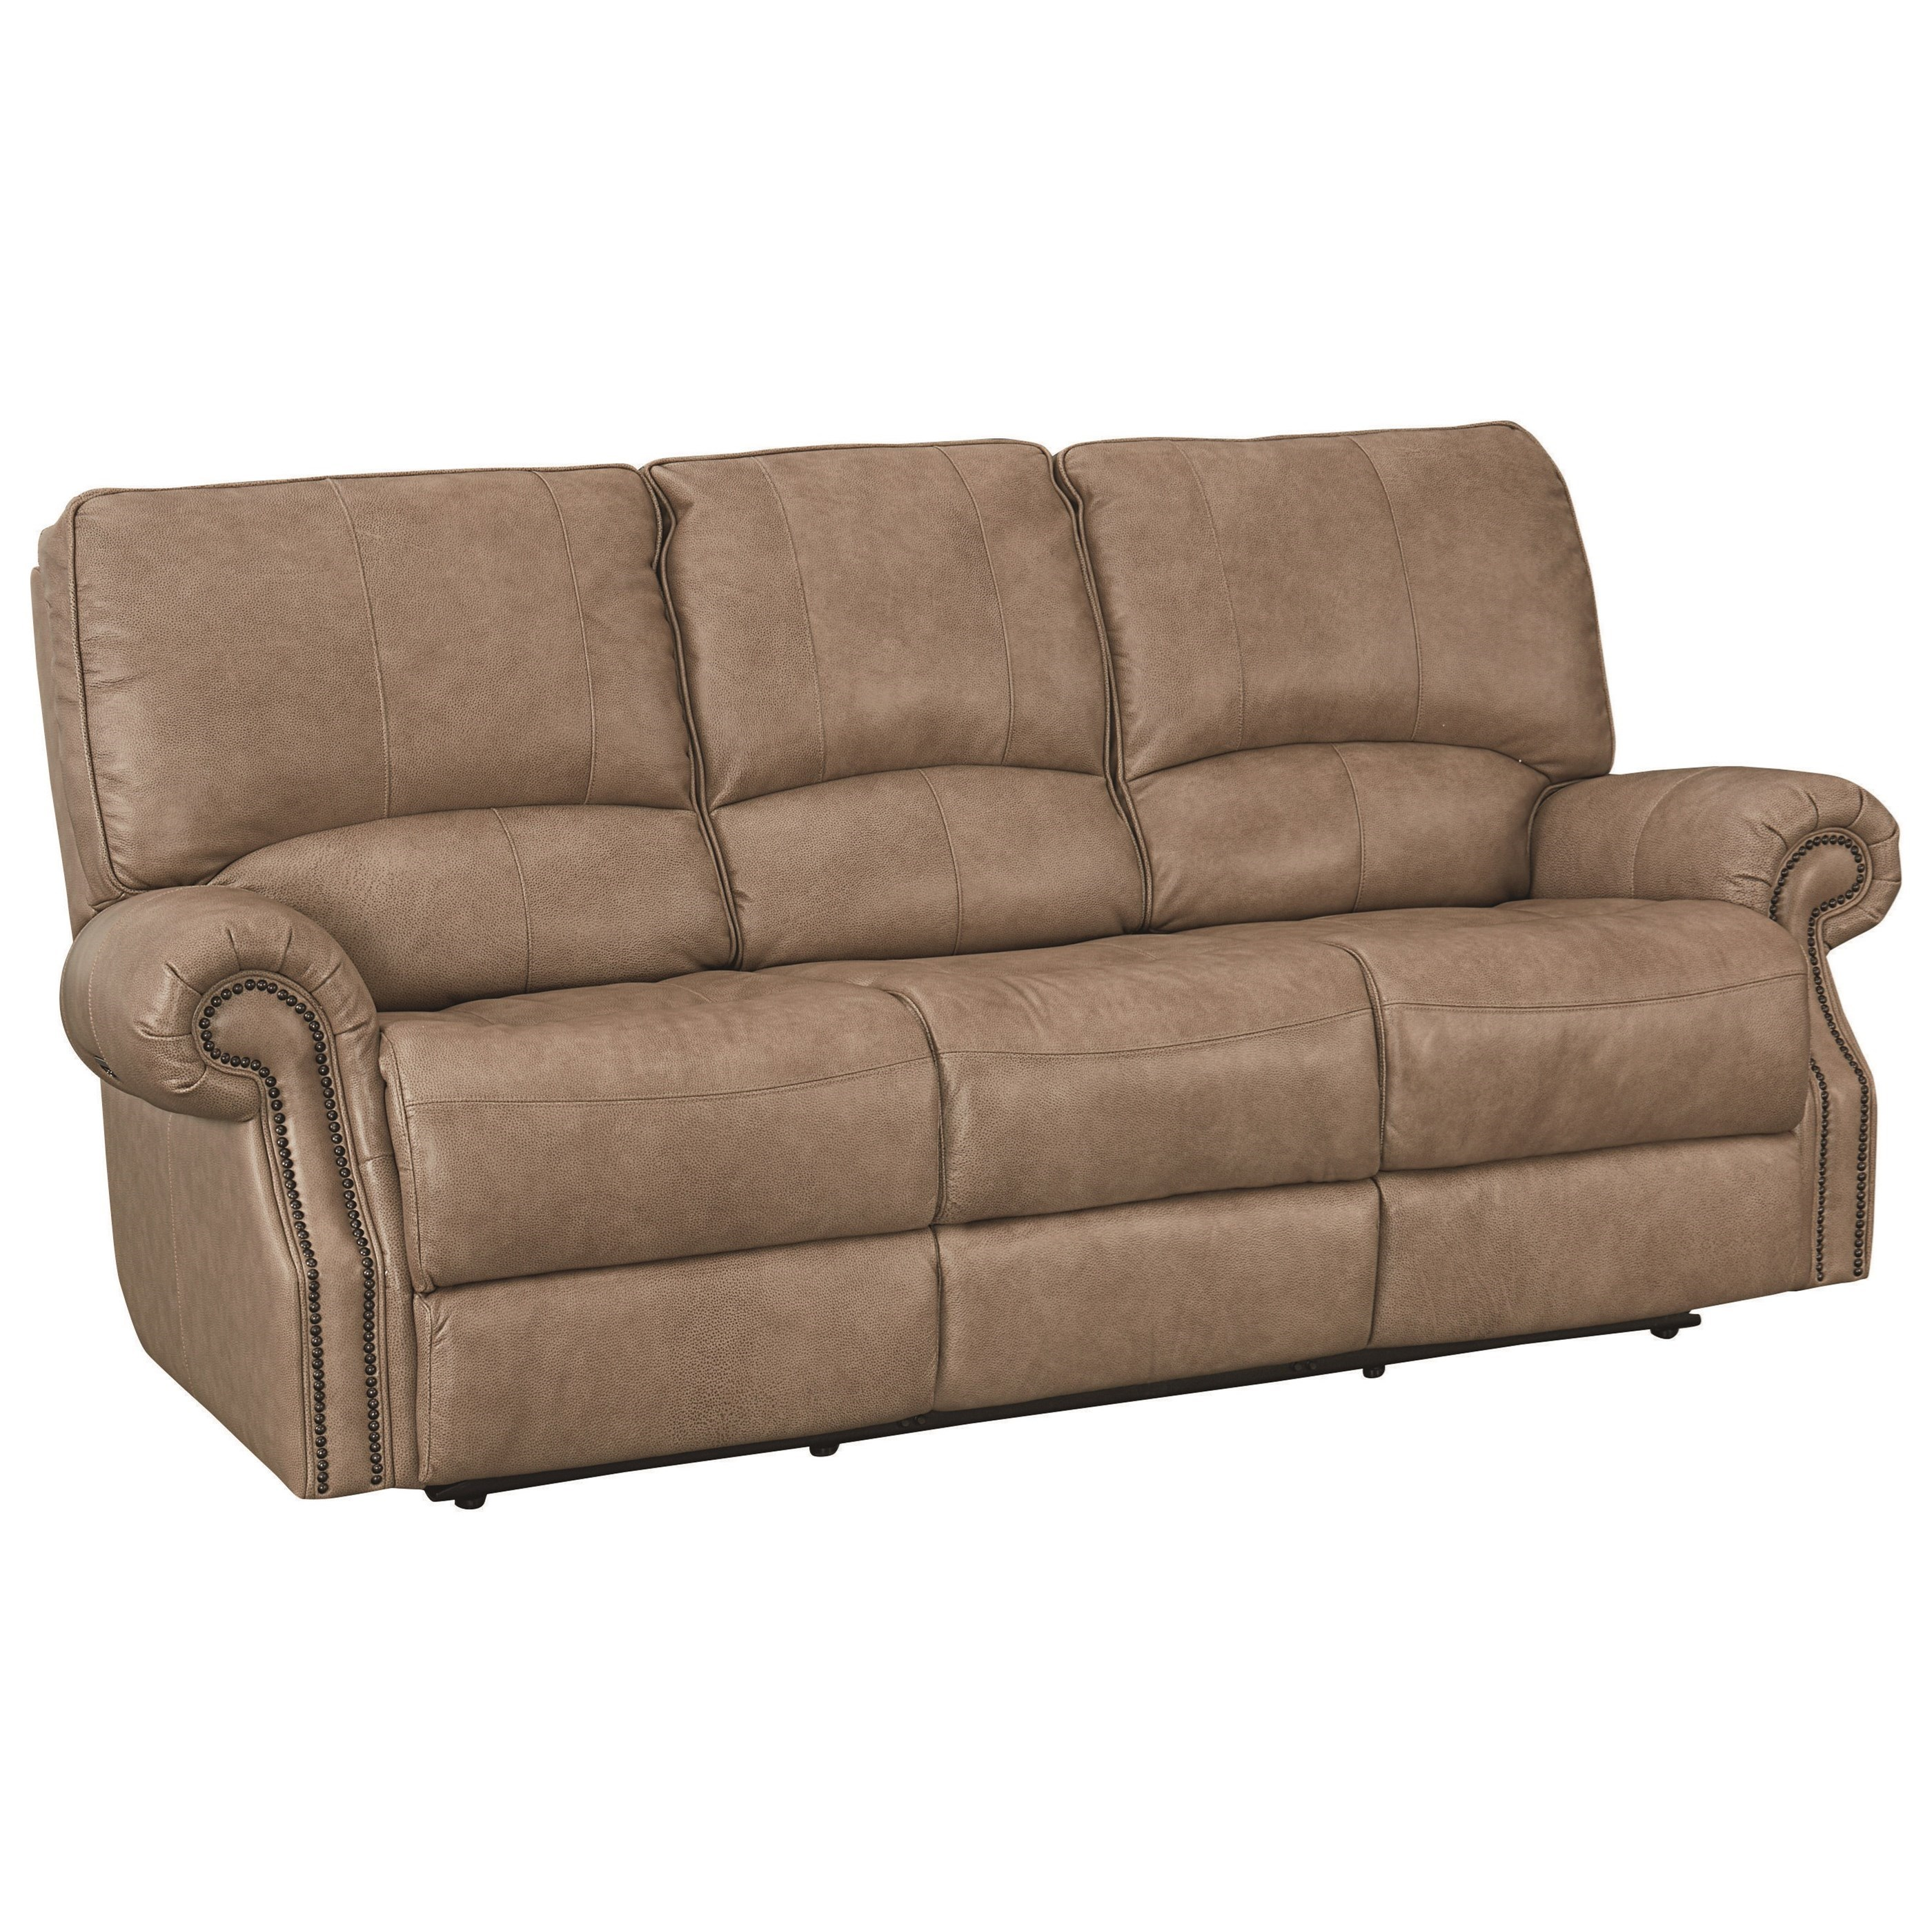 Prescott Power Motion Sofa by Bassett at Johnny Janosik